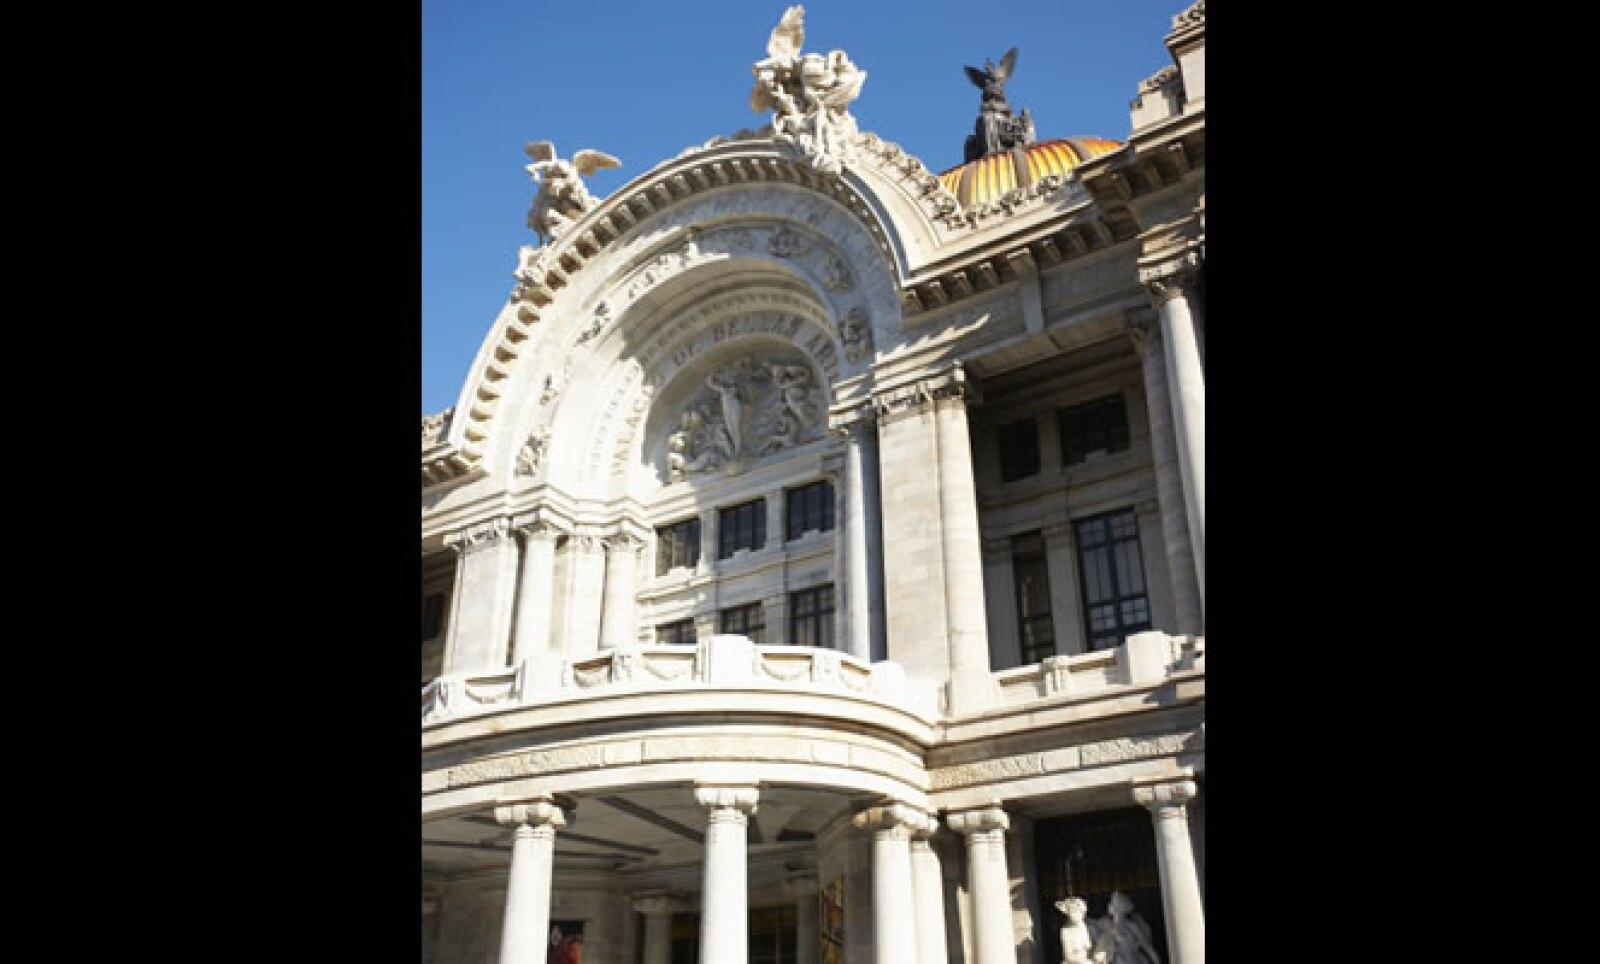 Declarado un monumento histórico por parte de la UNESCO en 1987, esta pieza arquitectónica se empezó a construir el 2 de abril de 1904, mezclando estilos de la época como el art nouveau y art decó.